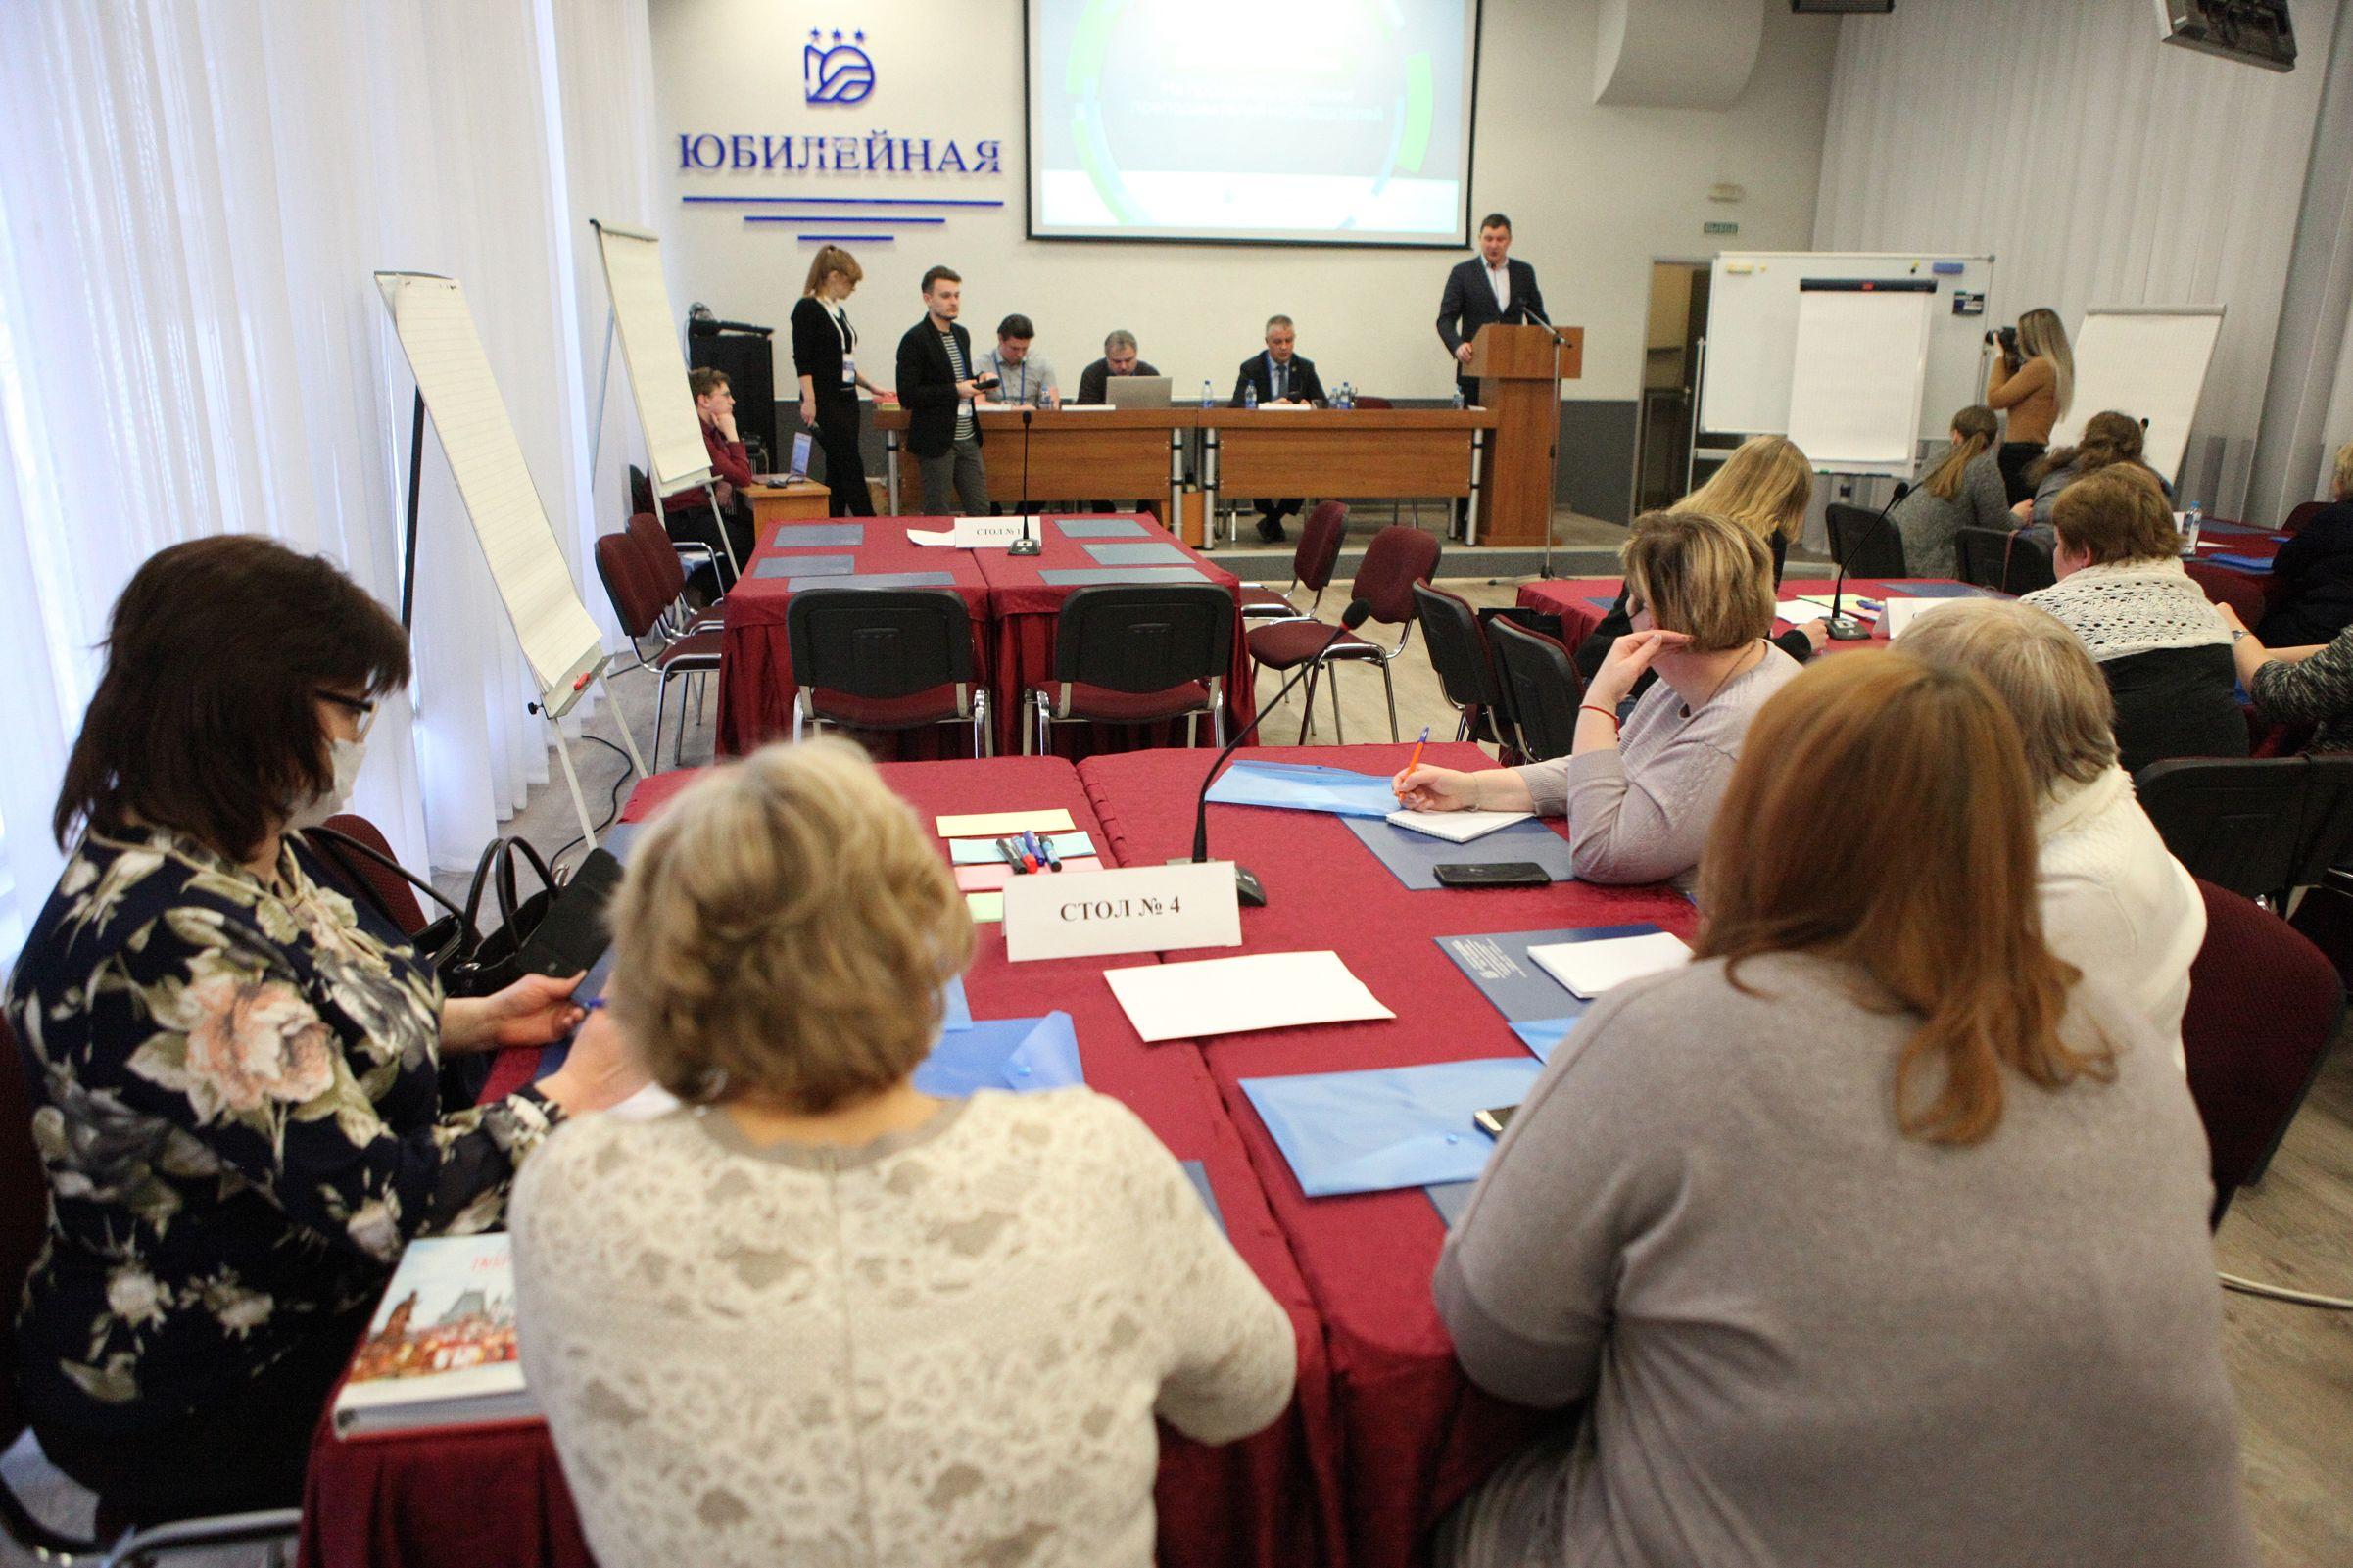 За честные выборы: в Ярославле стартовал семинар для будущих общественных наблюдателей